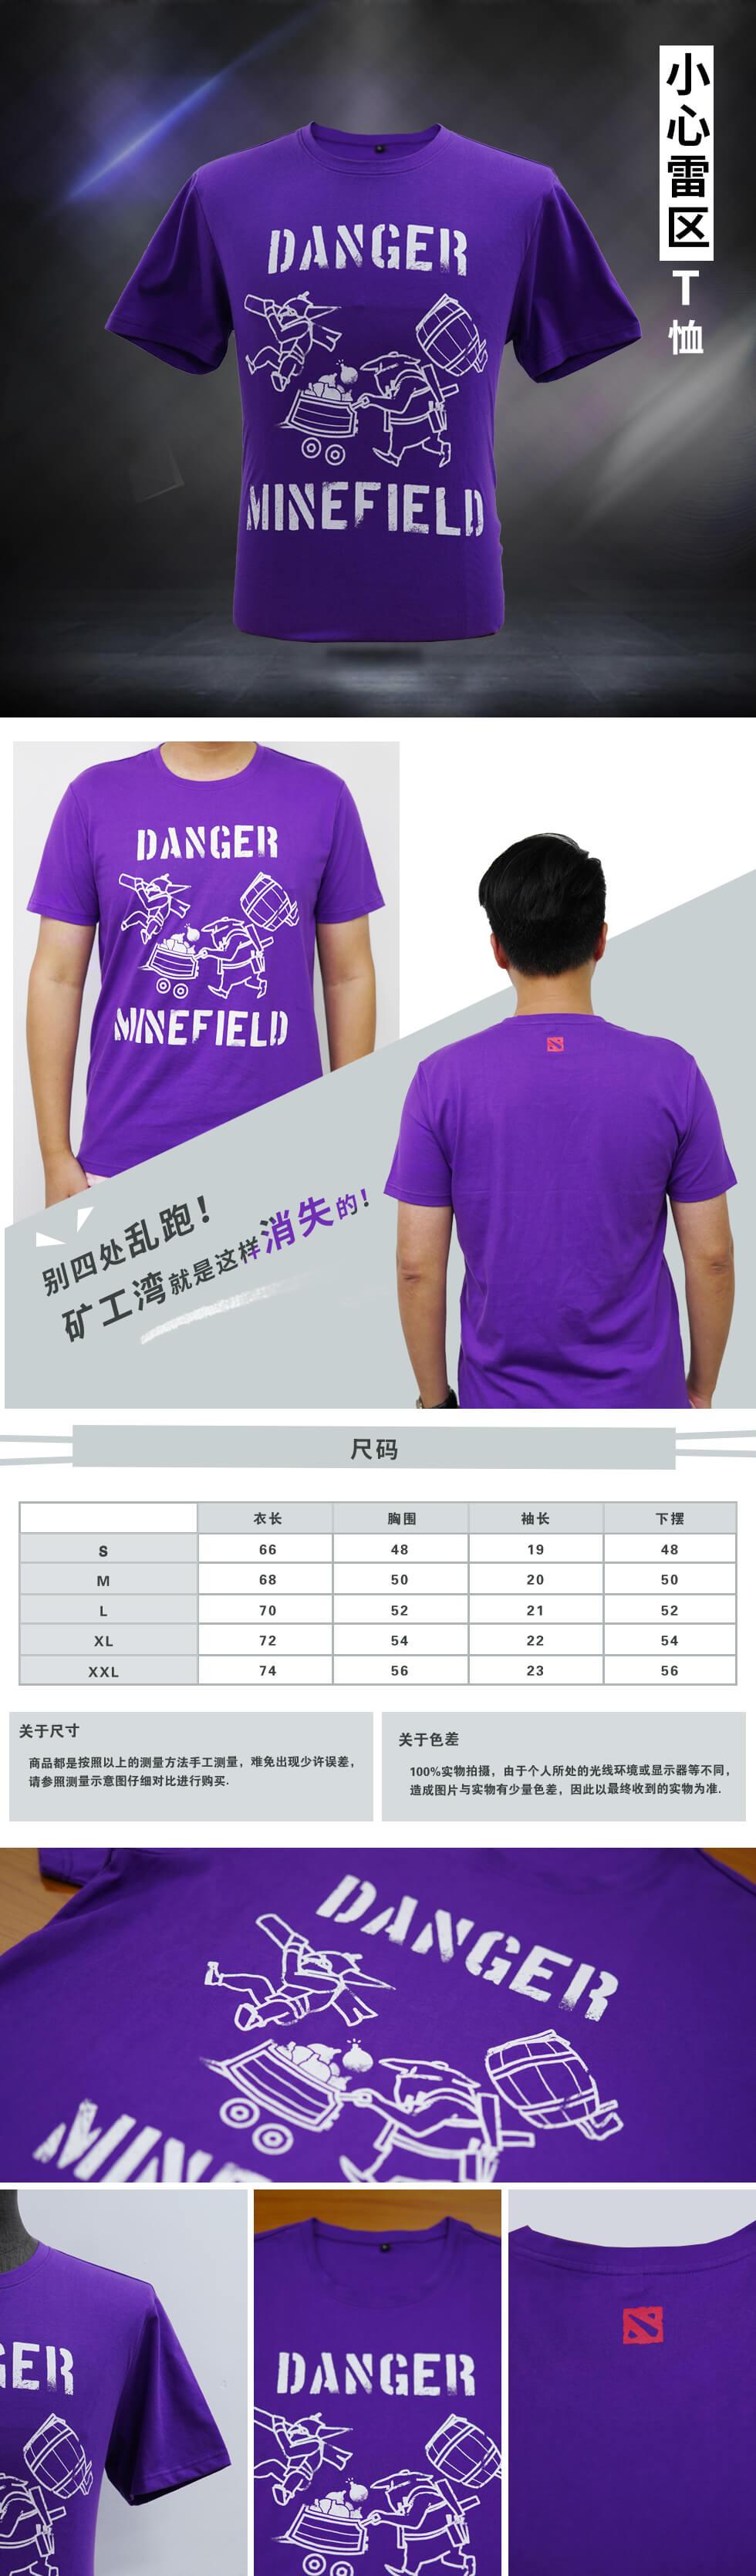 小心雷区T恤(紫色).jpg